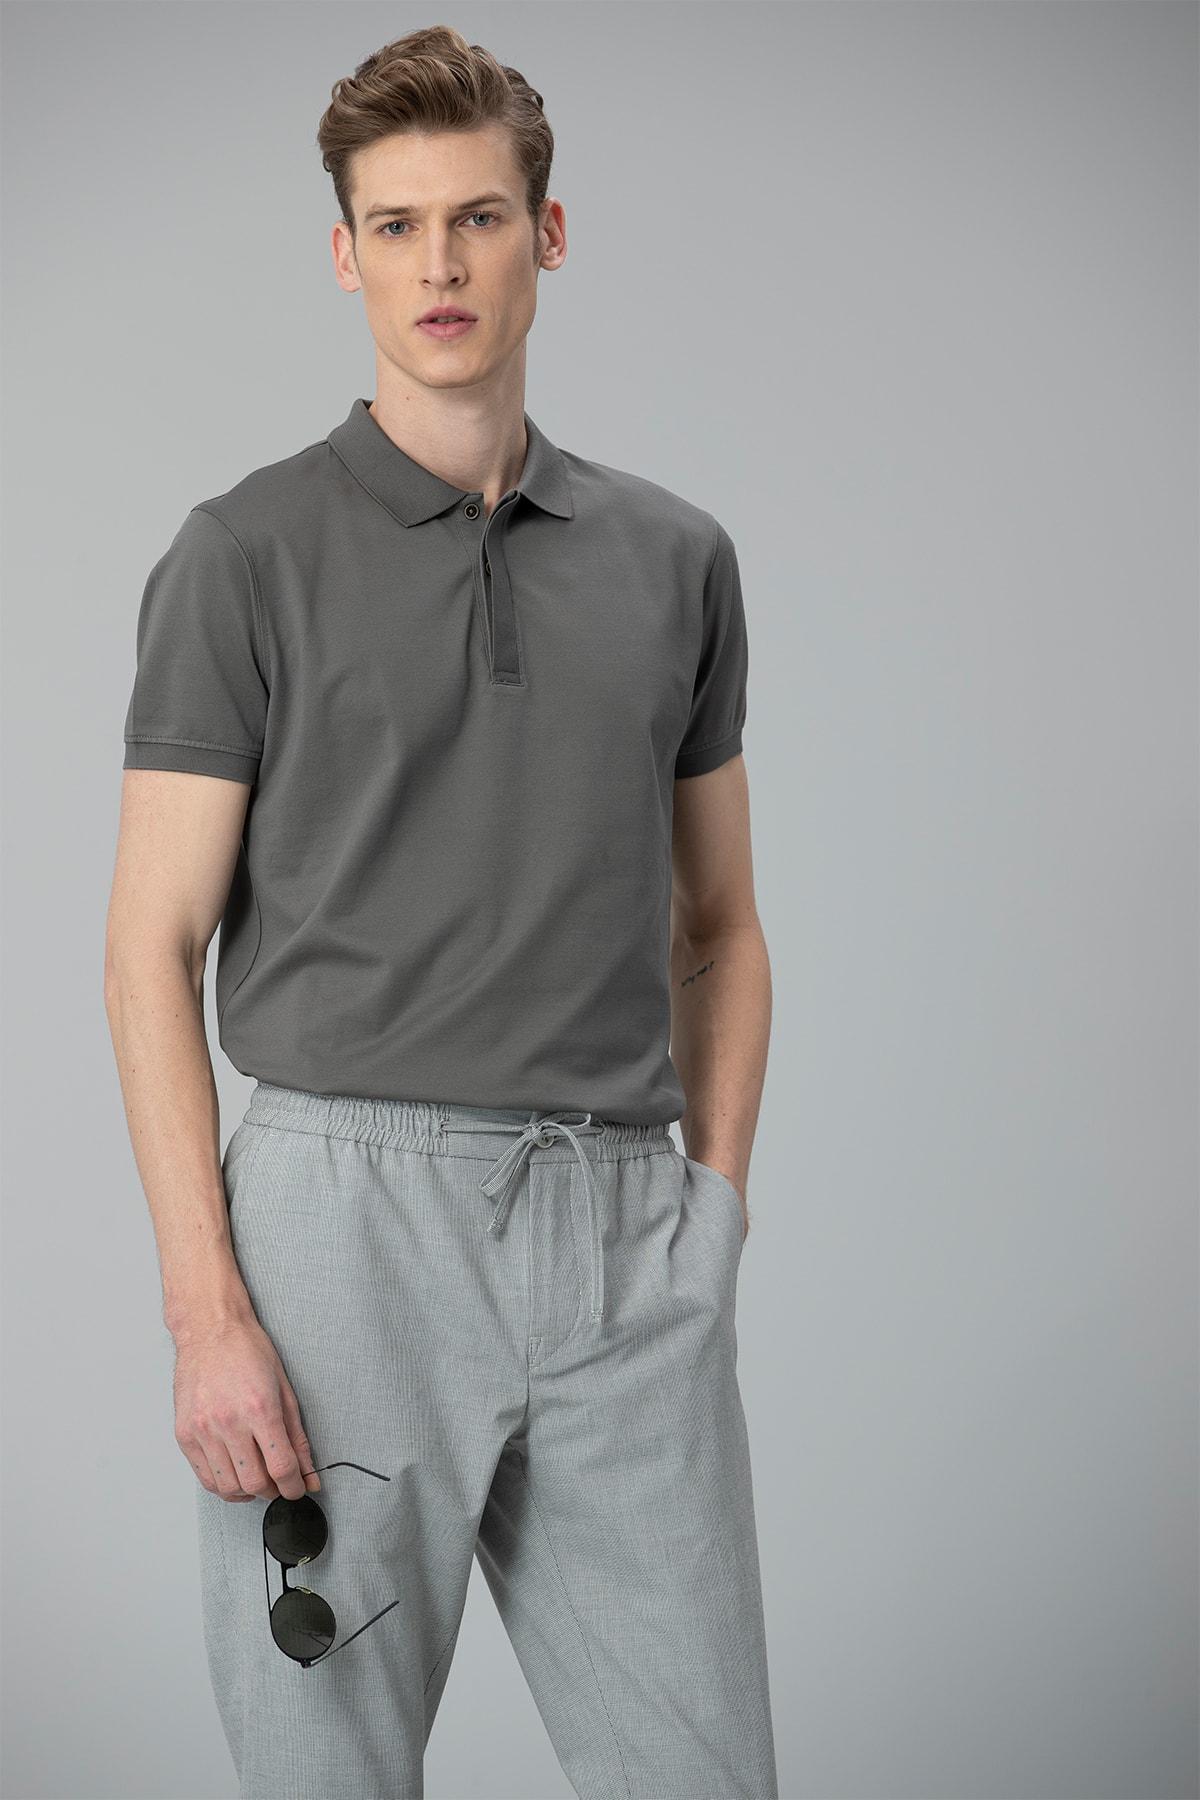 Lufian Biella Spor Polo T- Shirt Gri